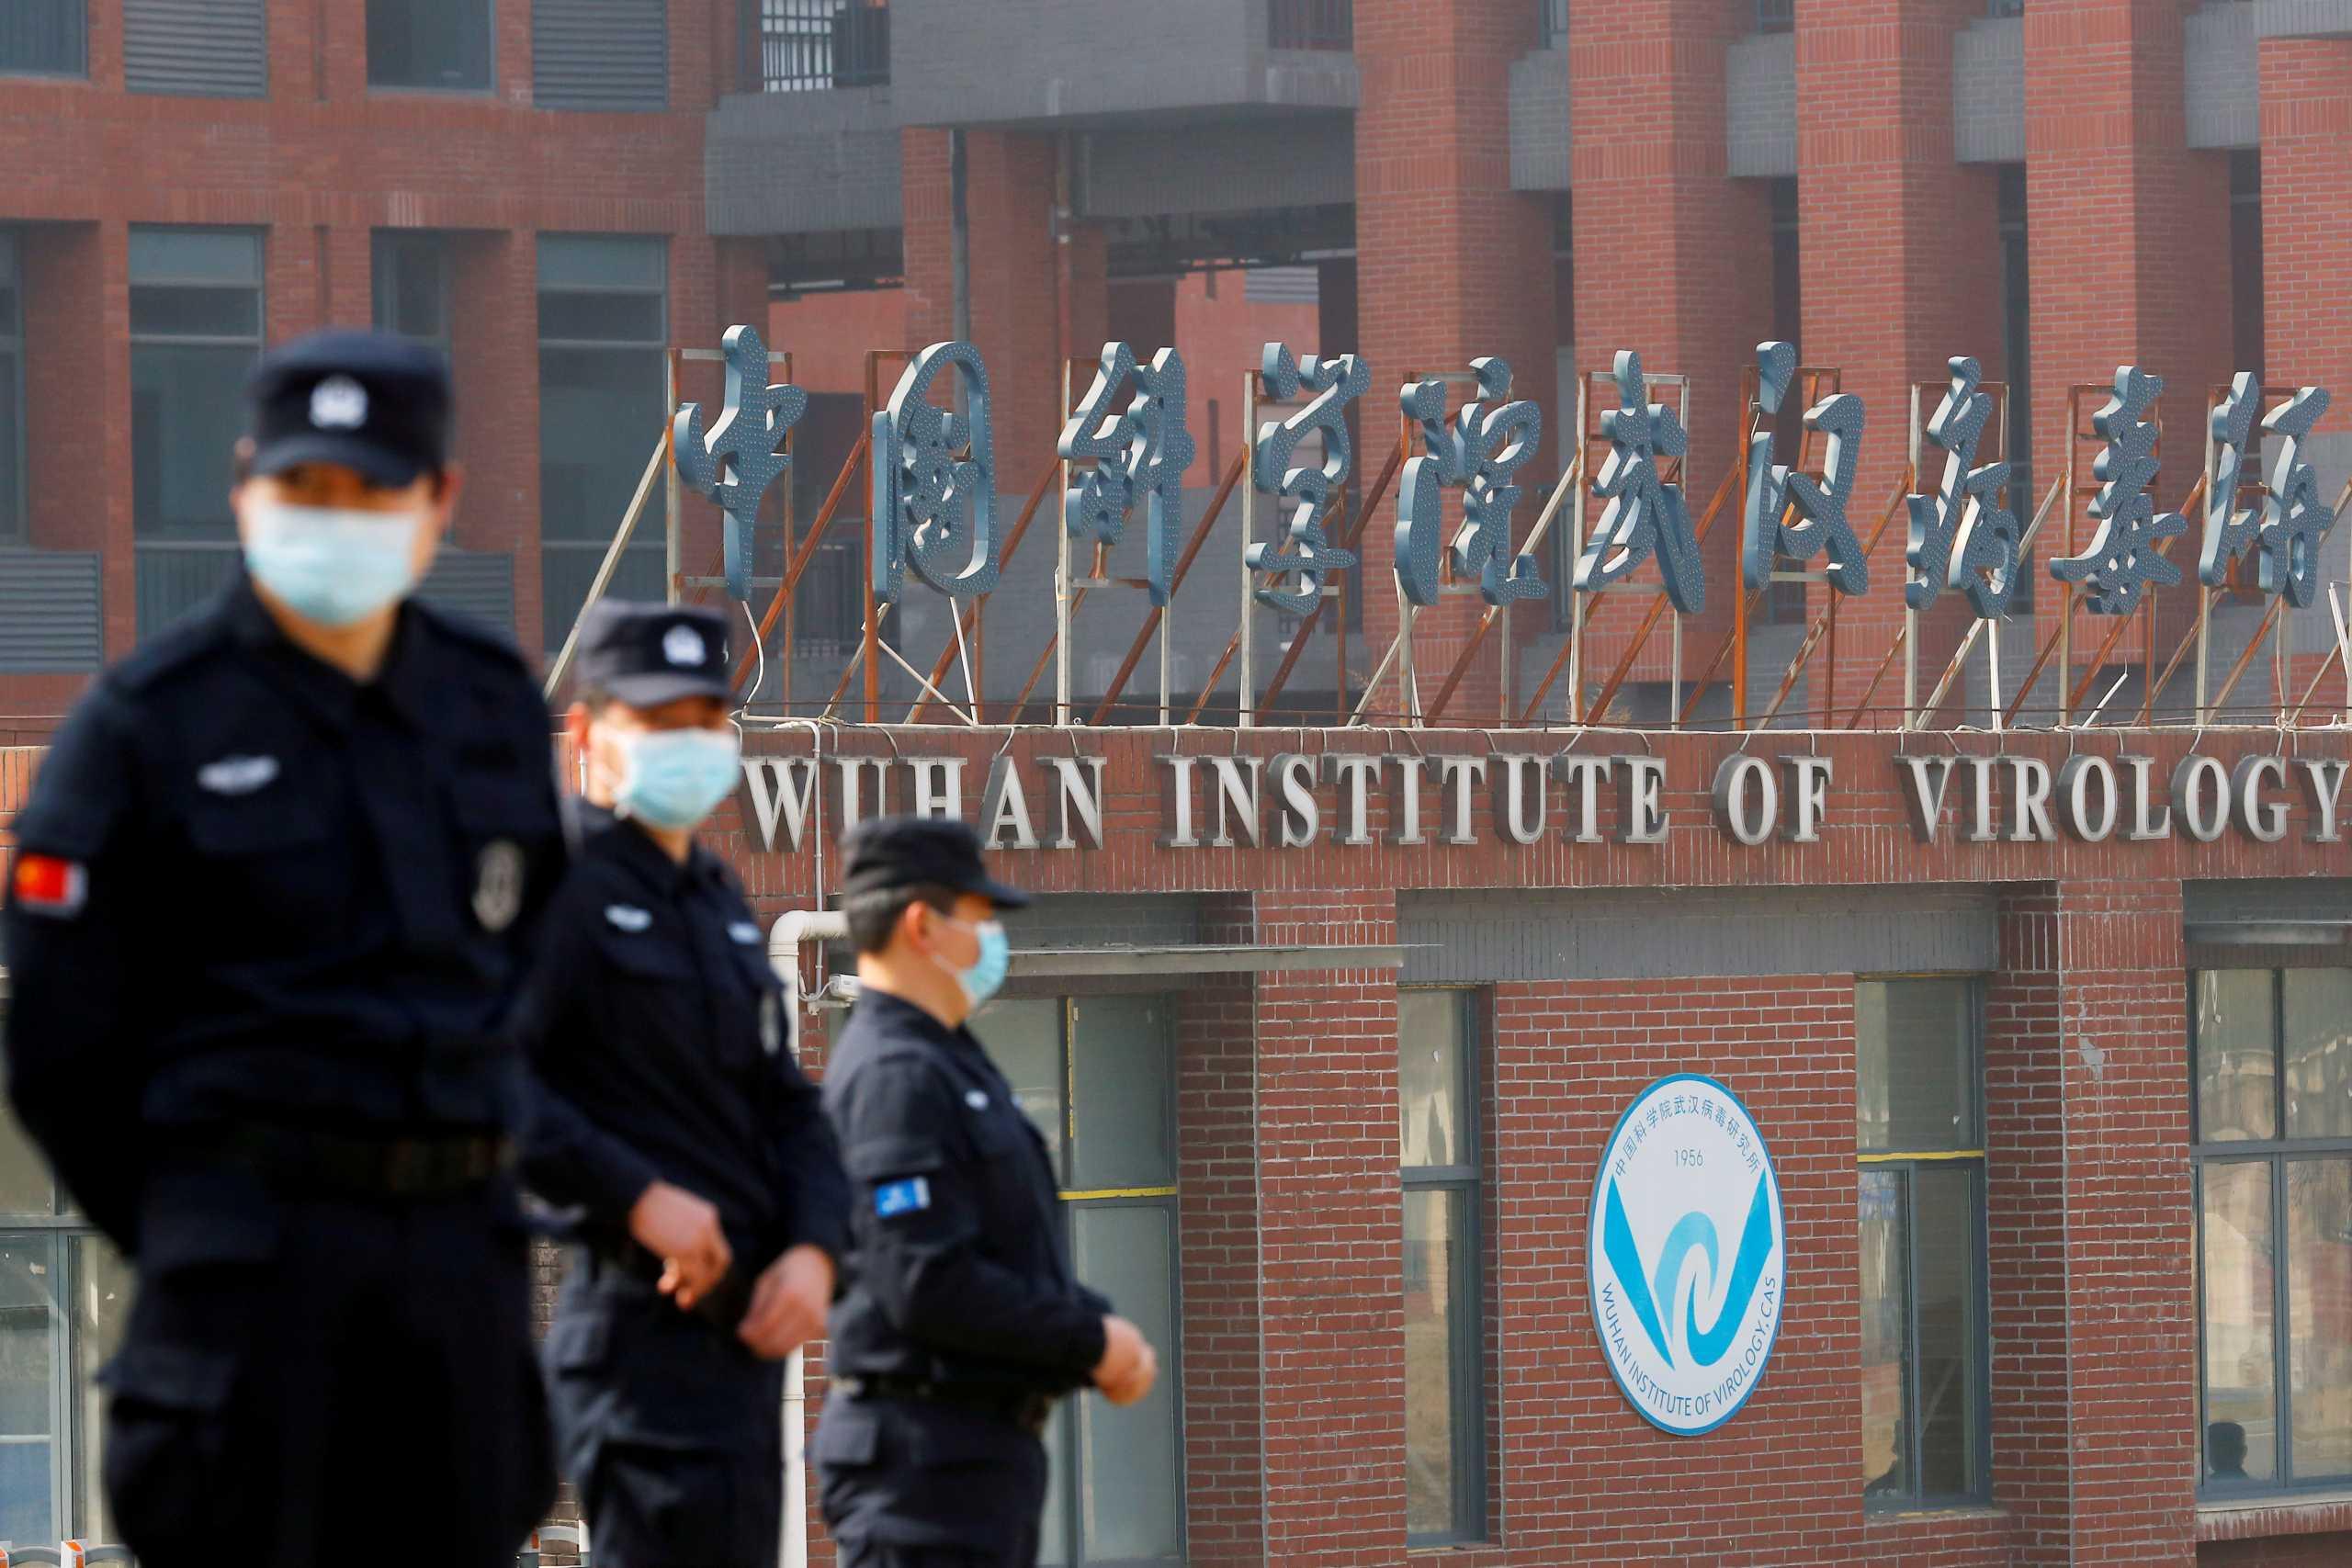 Η Κίνα ζητά να «μην πολιτικοποιηθεί» η έρευνα για την προέλευση του κορονοϊού